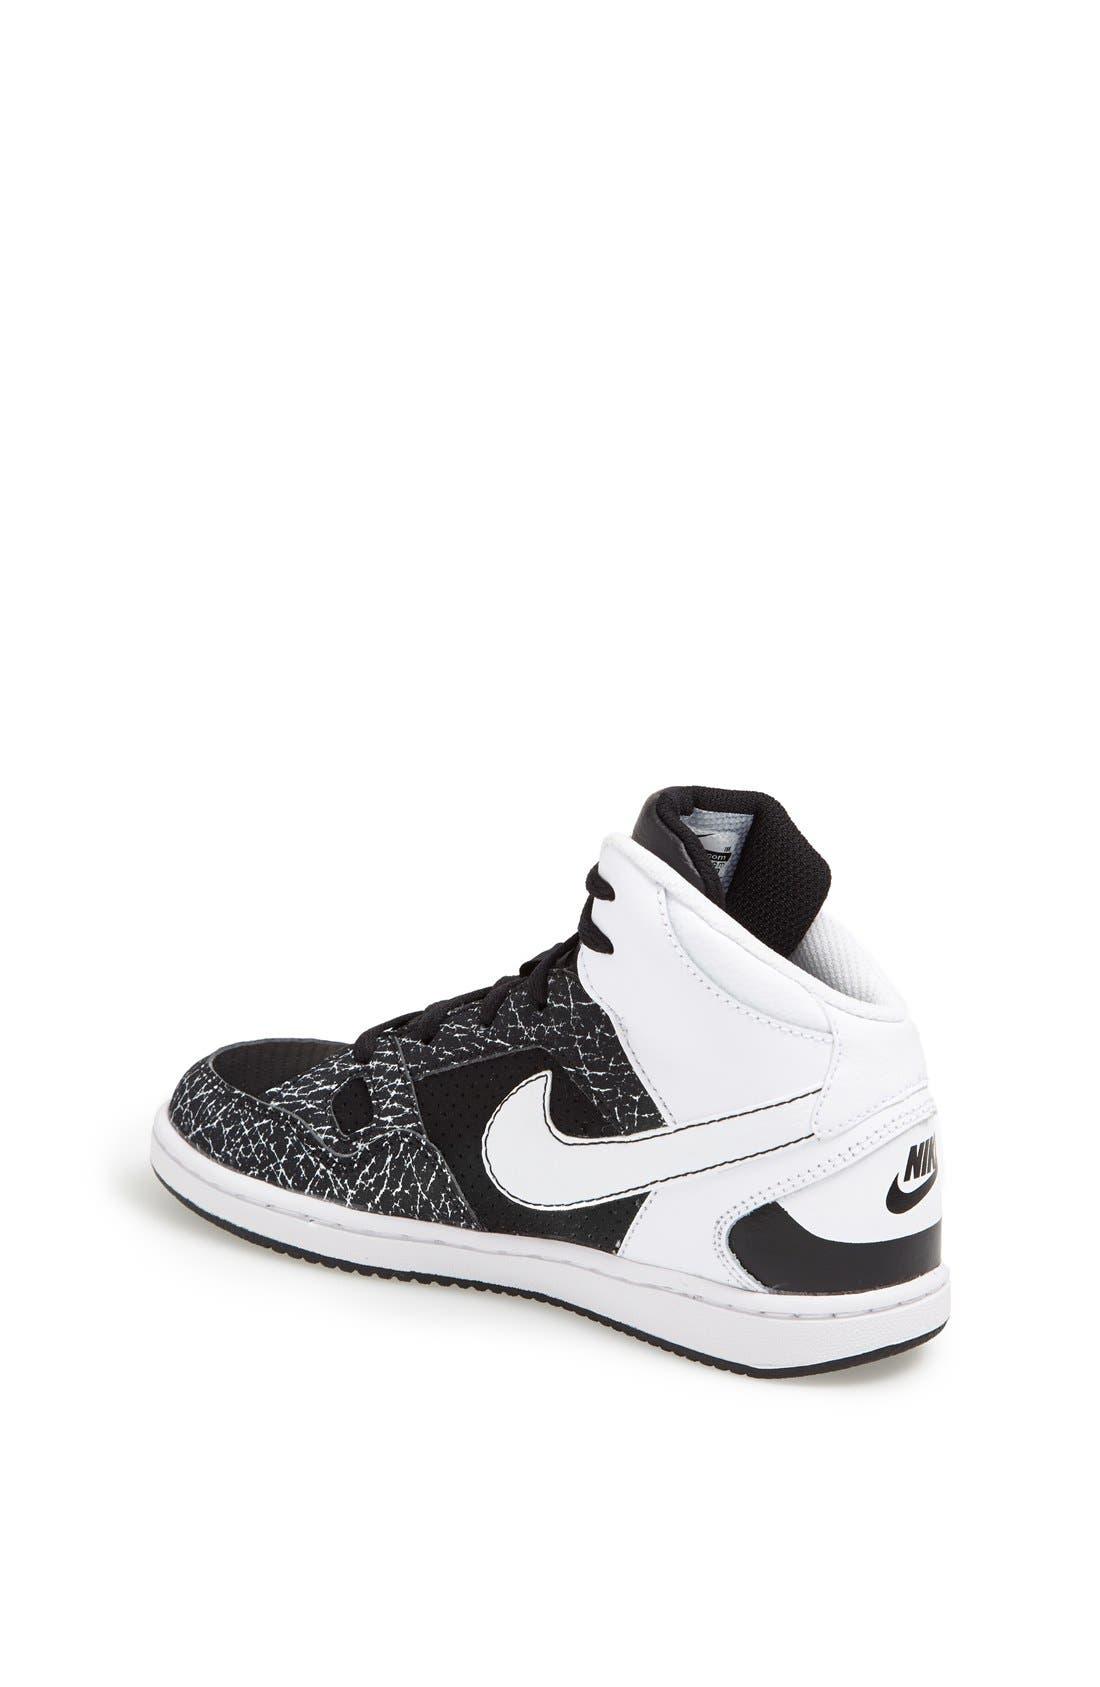 Alternate Image 2  - Nike 'Son of Force' Sneaker (Toddler & Little Kid)